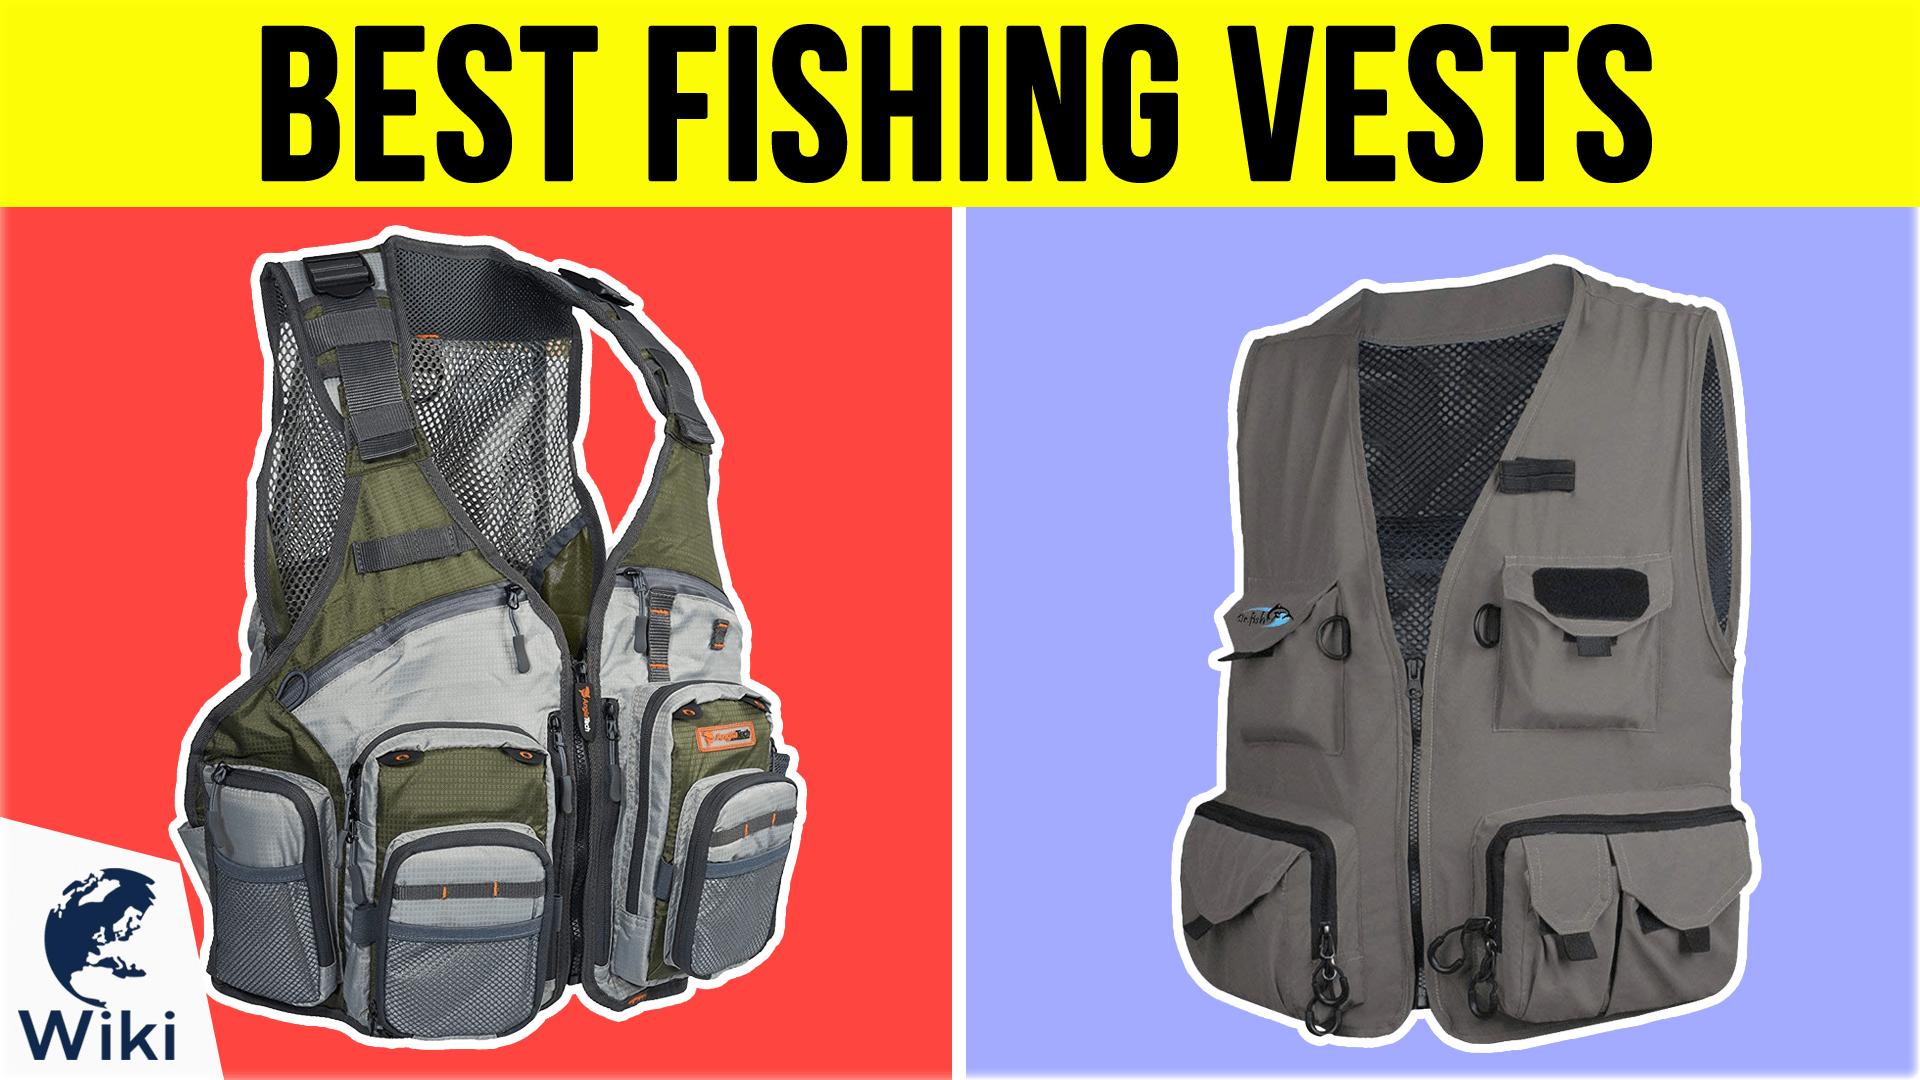 OUTDOOR Multi-pocket Fly Fishing Vest Backpack Chest Mesh Bag Adjustable Size FS